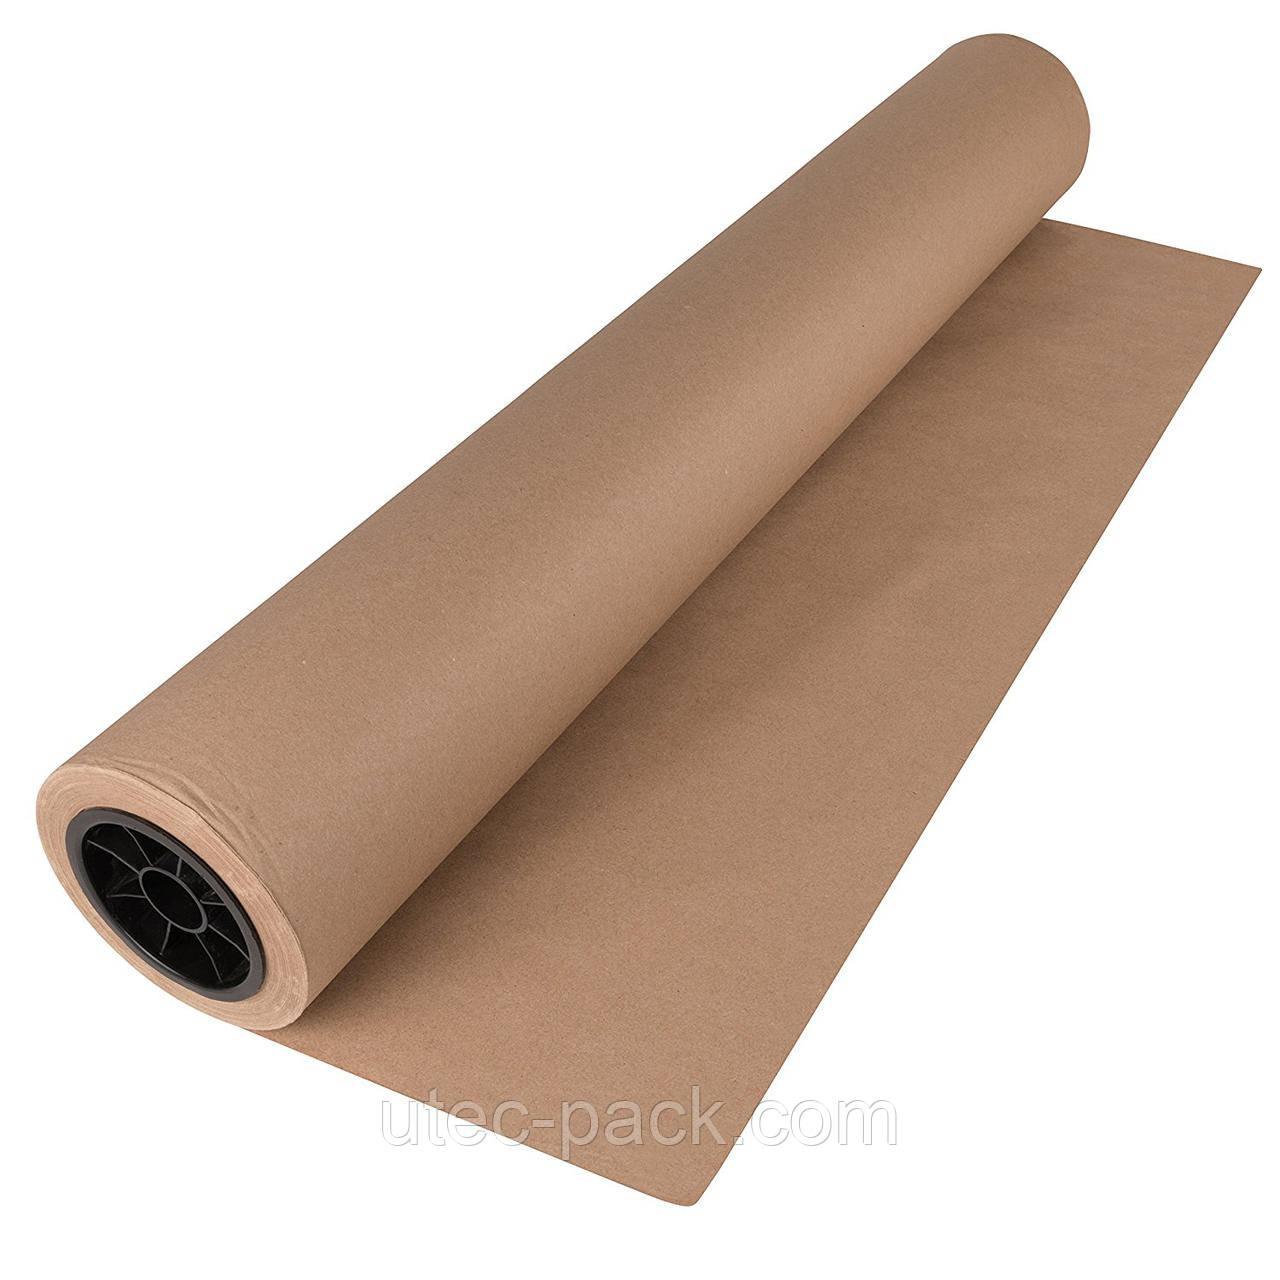 Крафт бумага ЮТЭК в рулоне 80 г/м2 100 м.п коричневая КБР-100